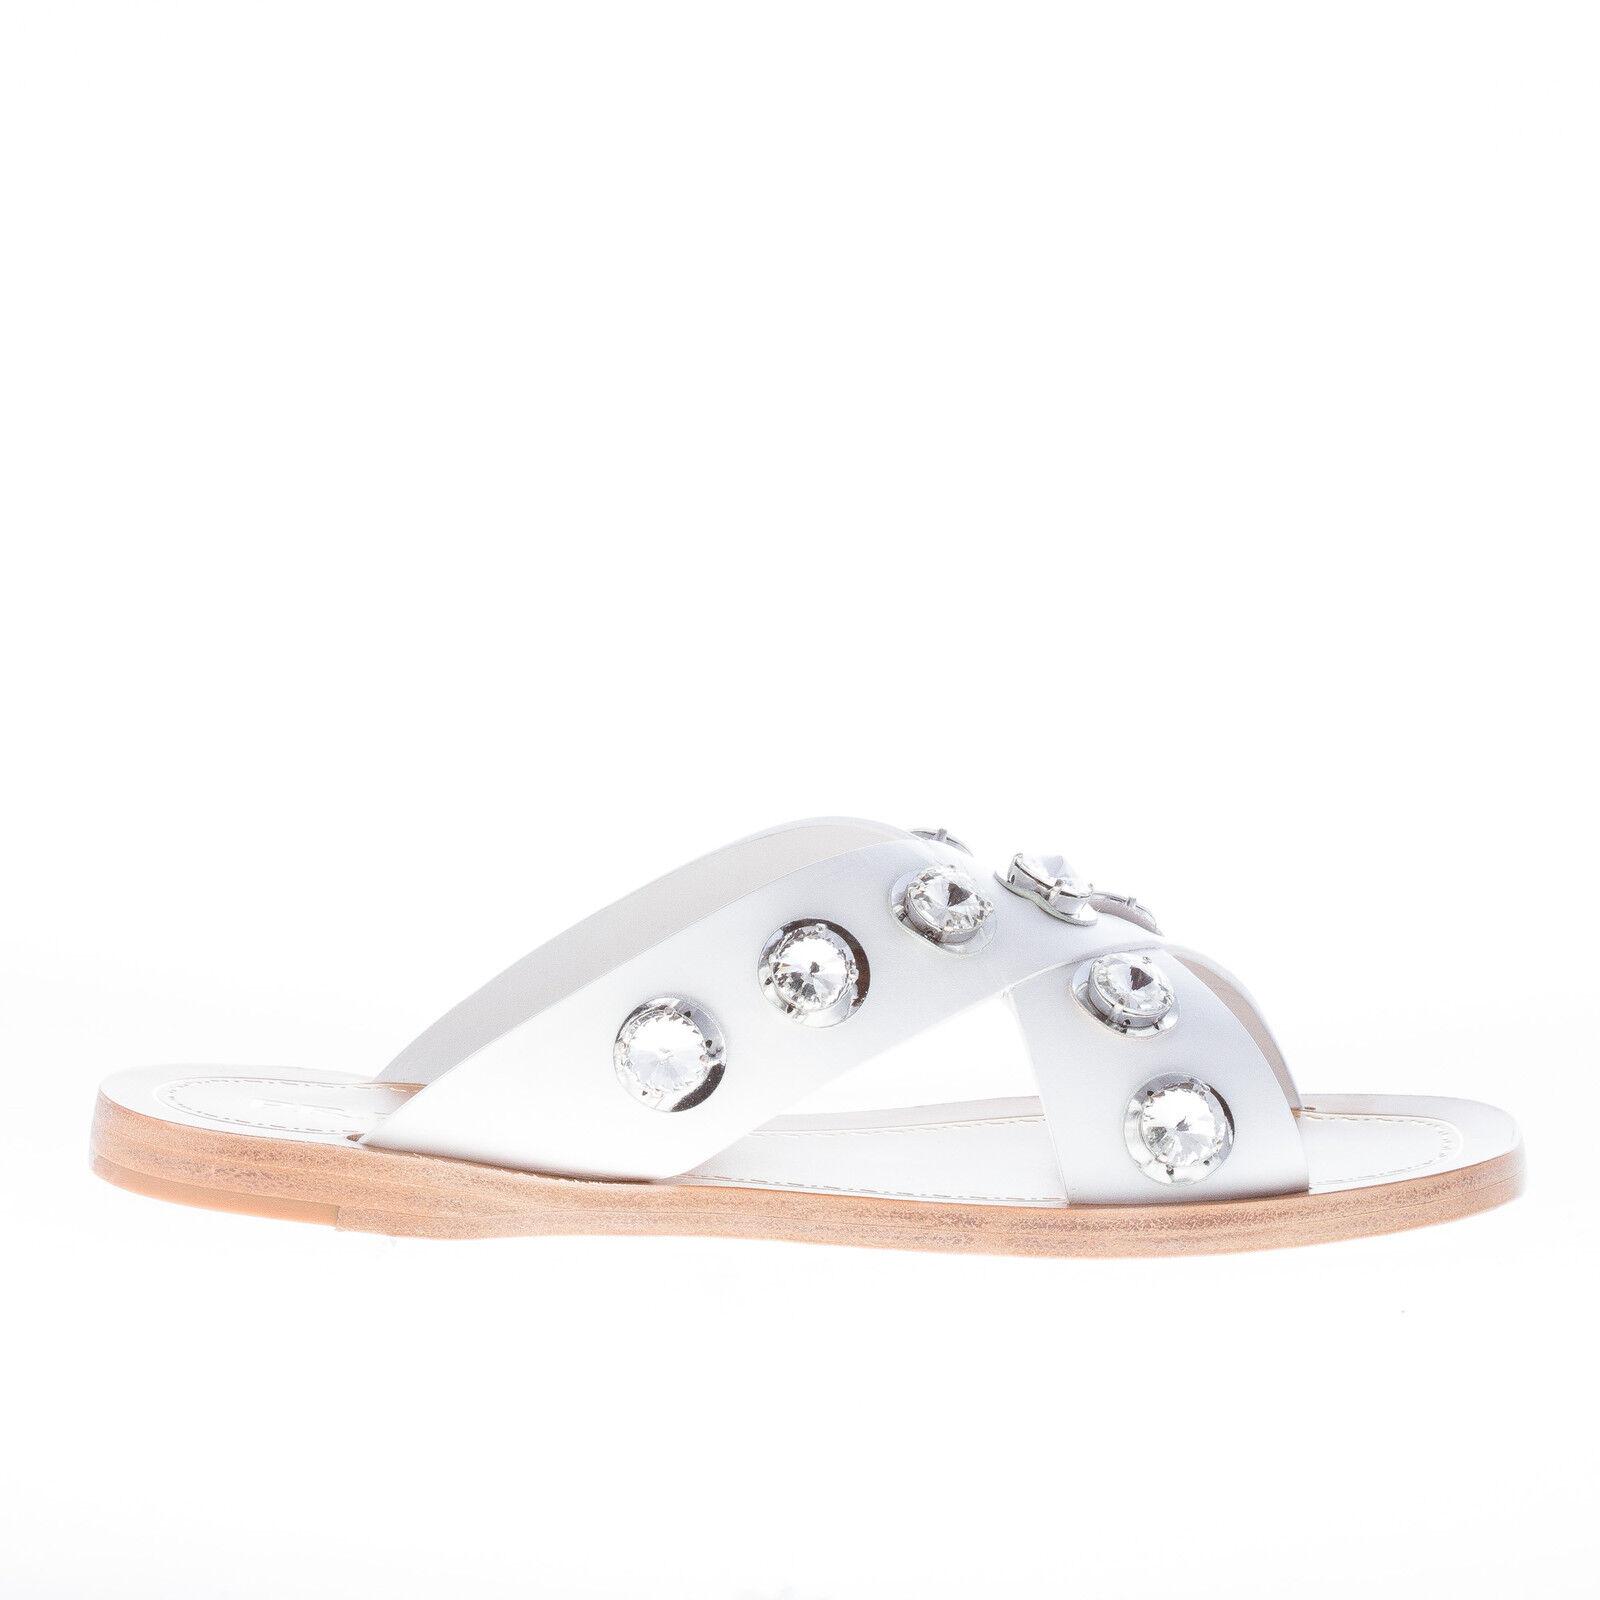 PRADA women shoes White leather crisscross slide sandal Crystal grommets